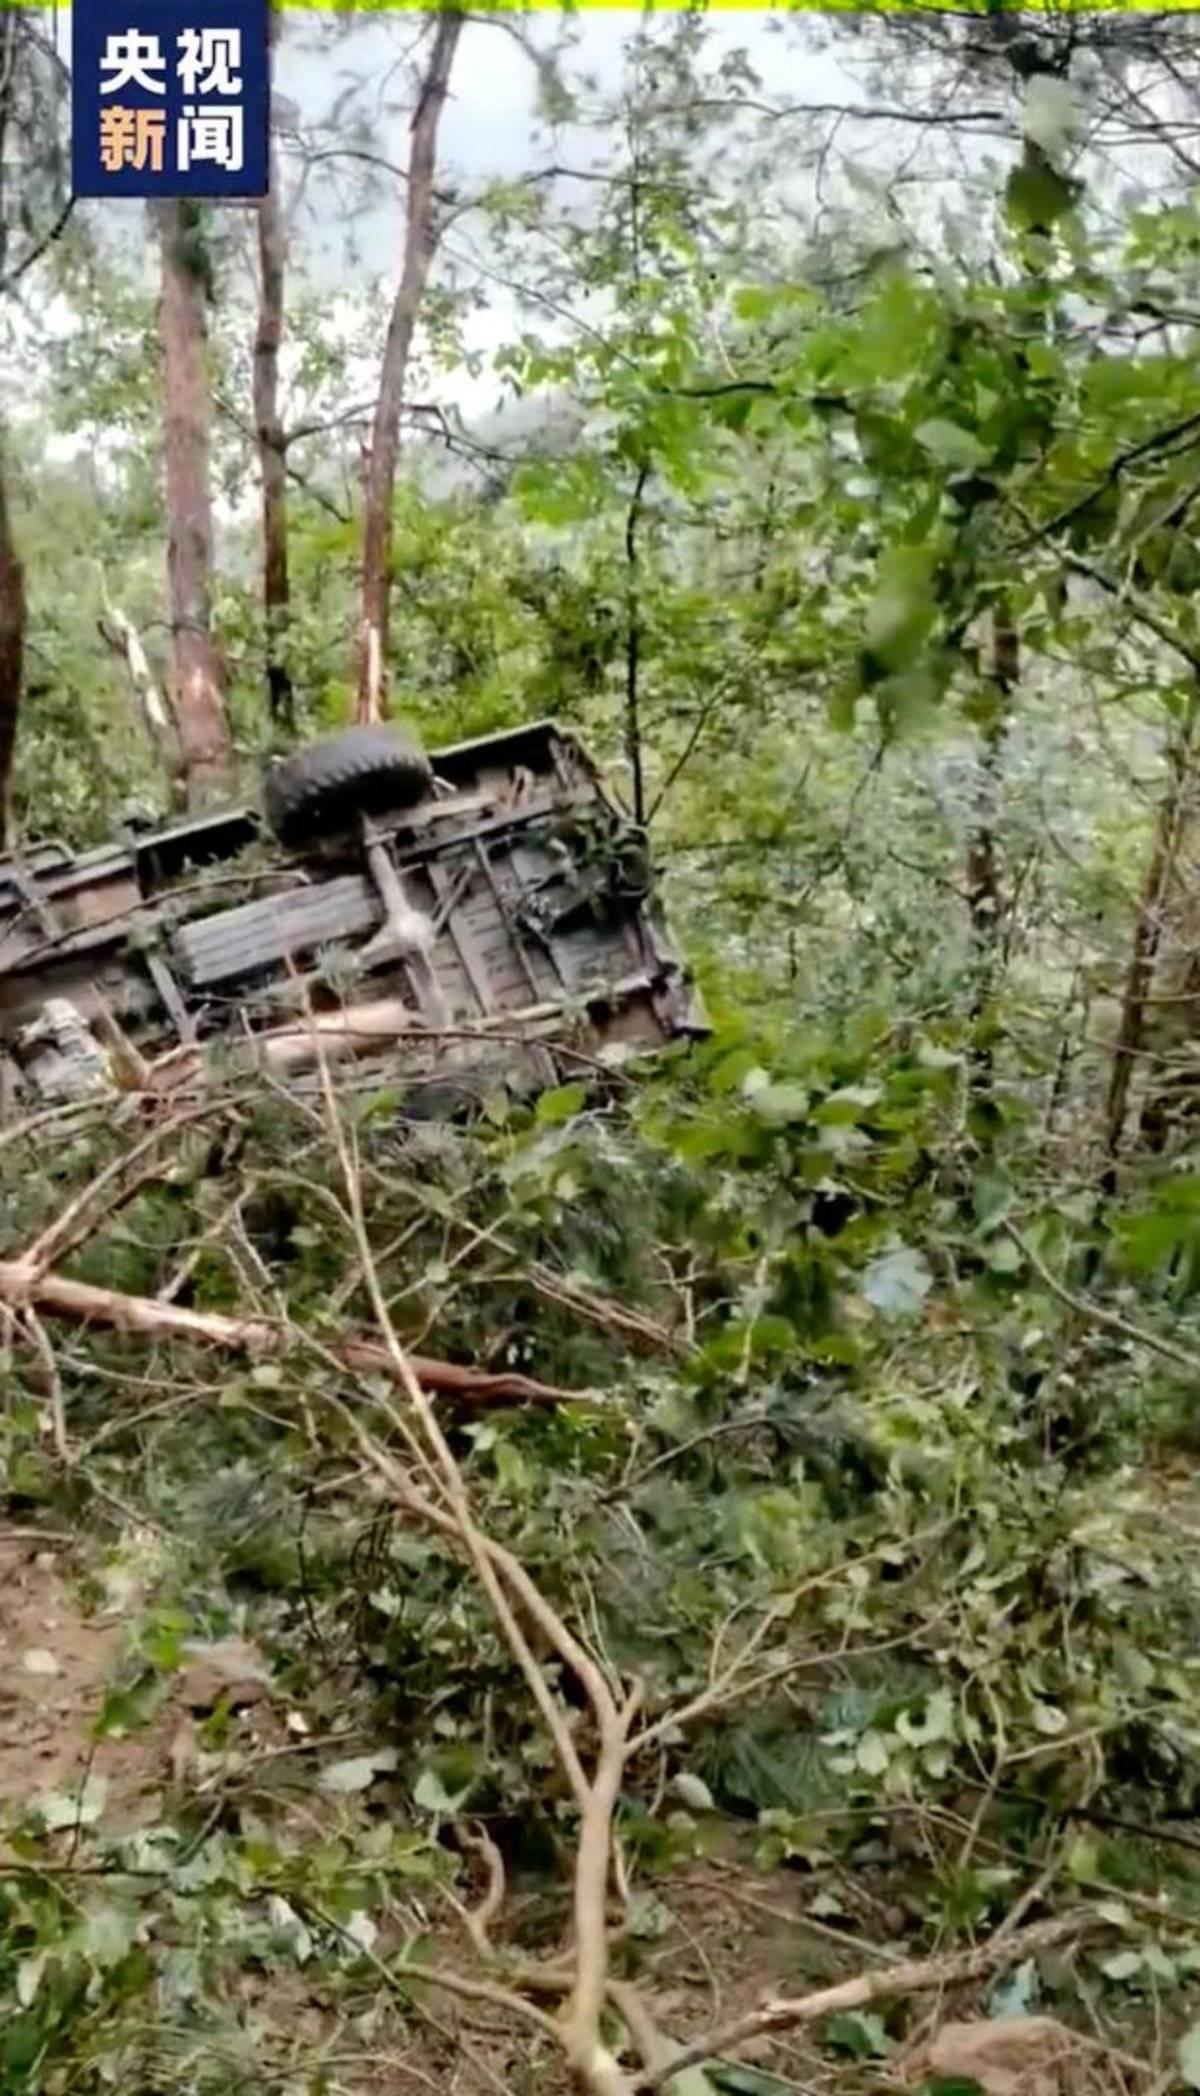 安徽太湖一辆皮卡车坠入山沟已致12人死亡